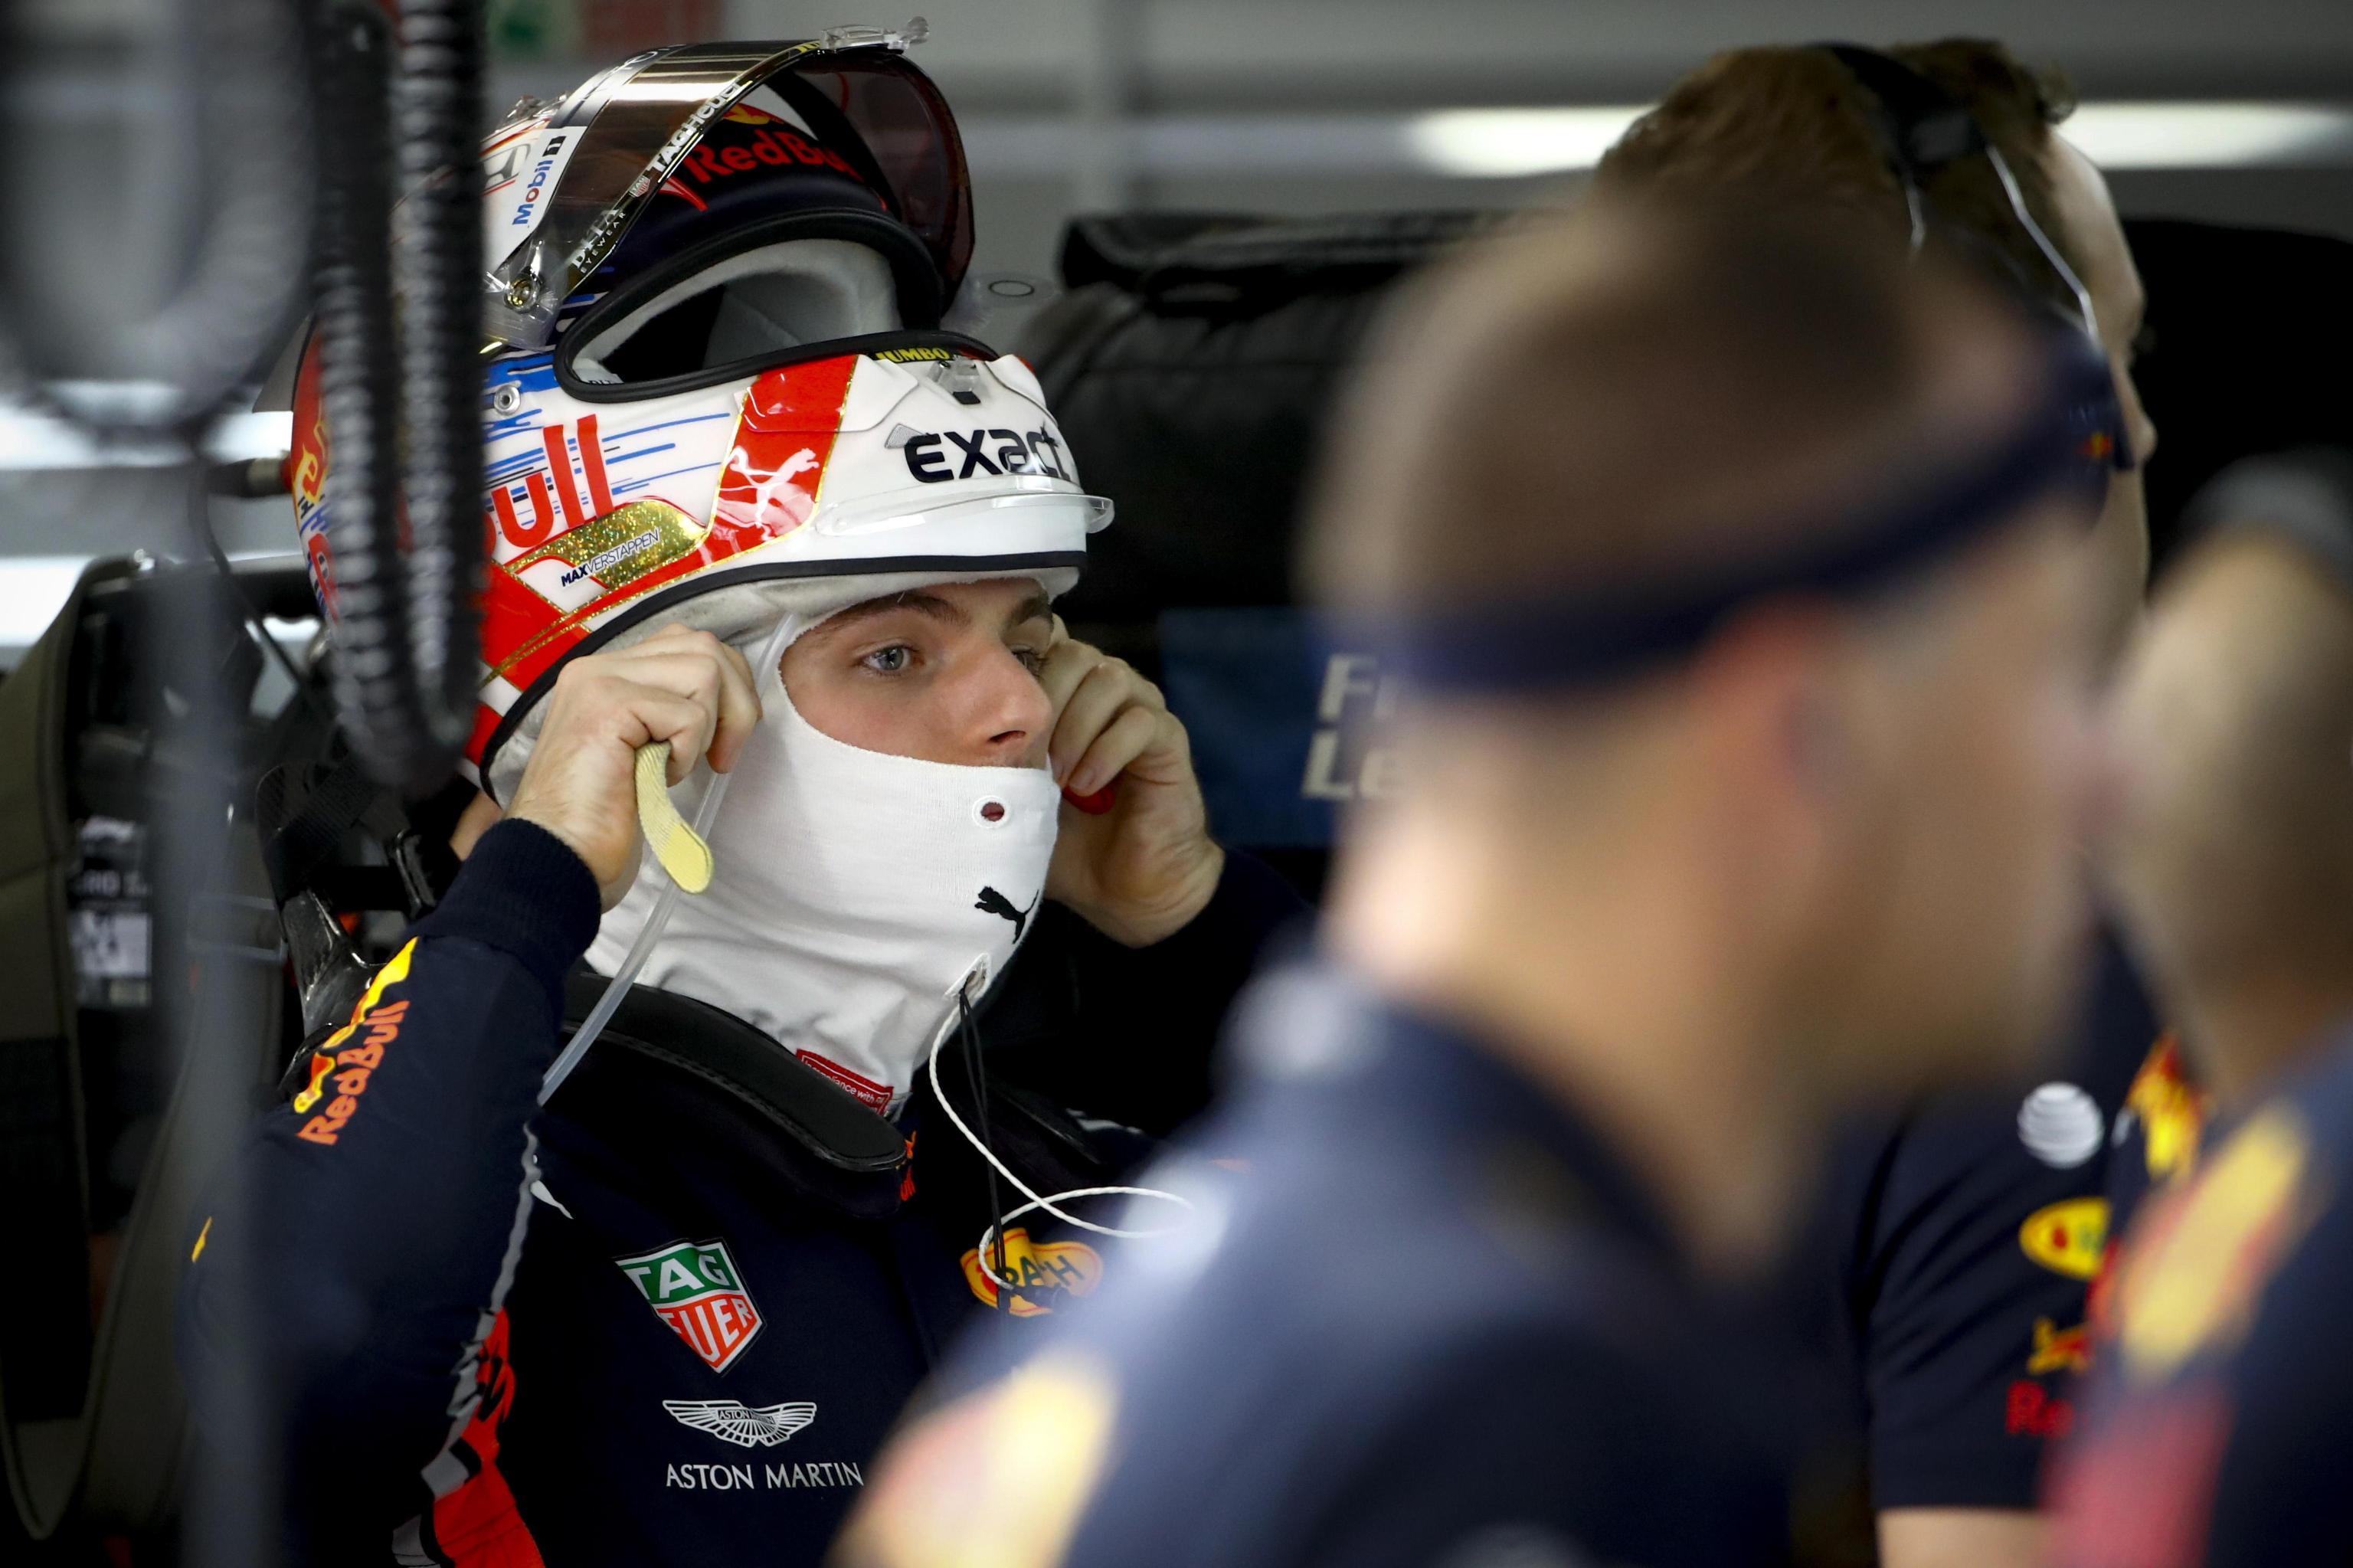 Un'immagine del pilota olandese di formula 1, Max Verstappen della Red Bull Racing mentre si prepara per la seconda sessione di prove